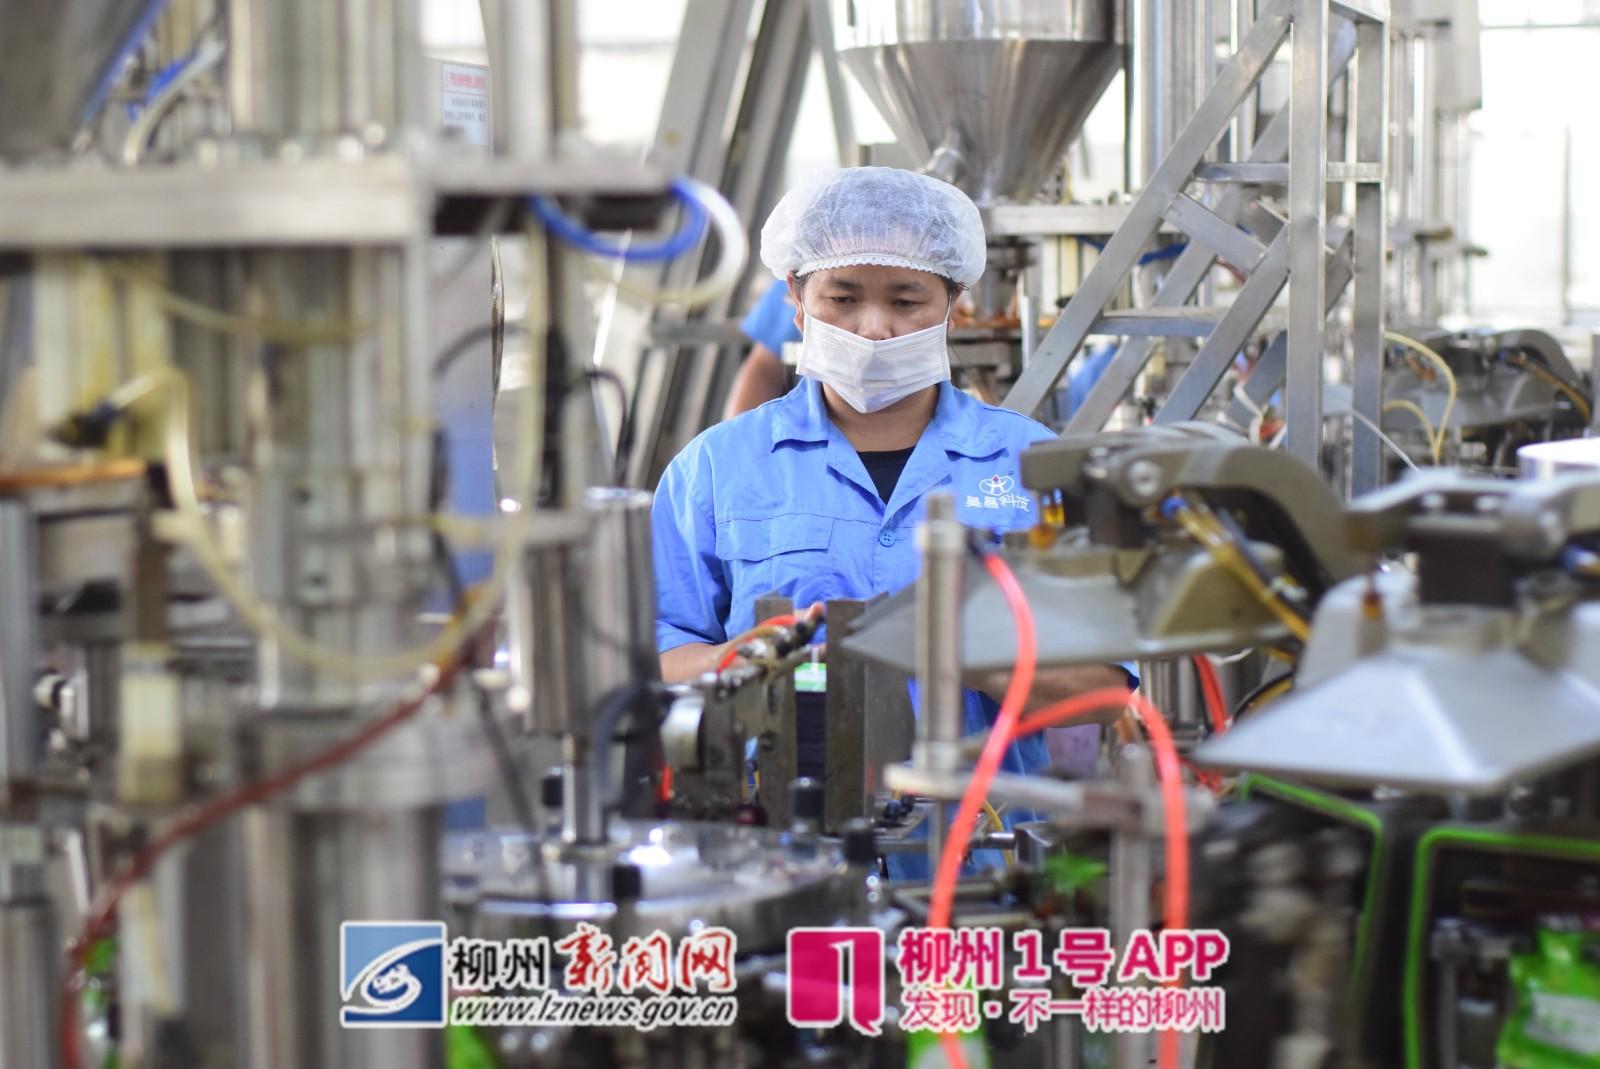 全自動生產線將酸筍包裝成小酸筍包.JPG